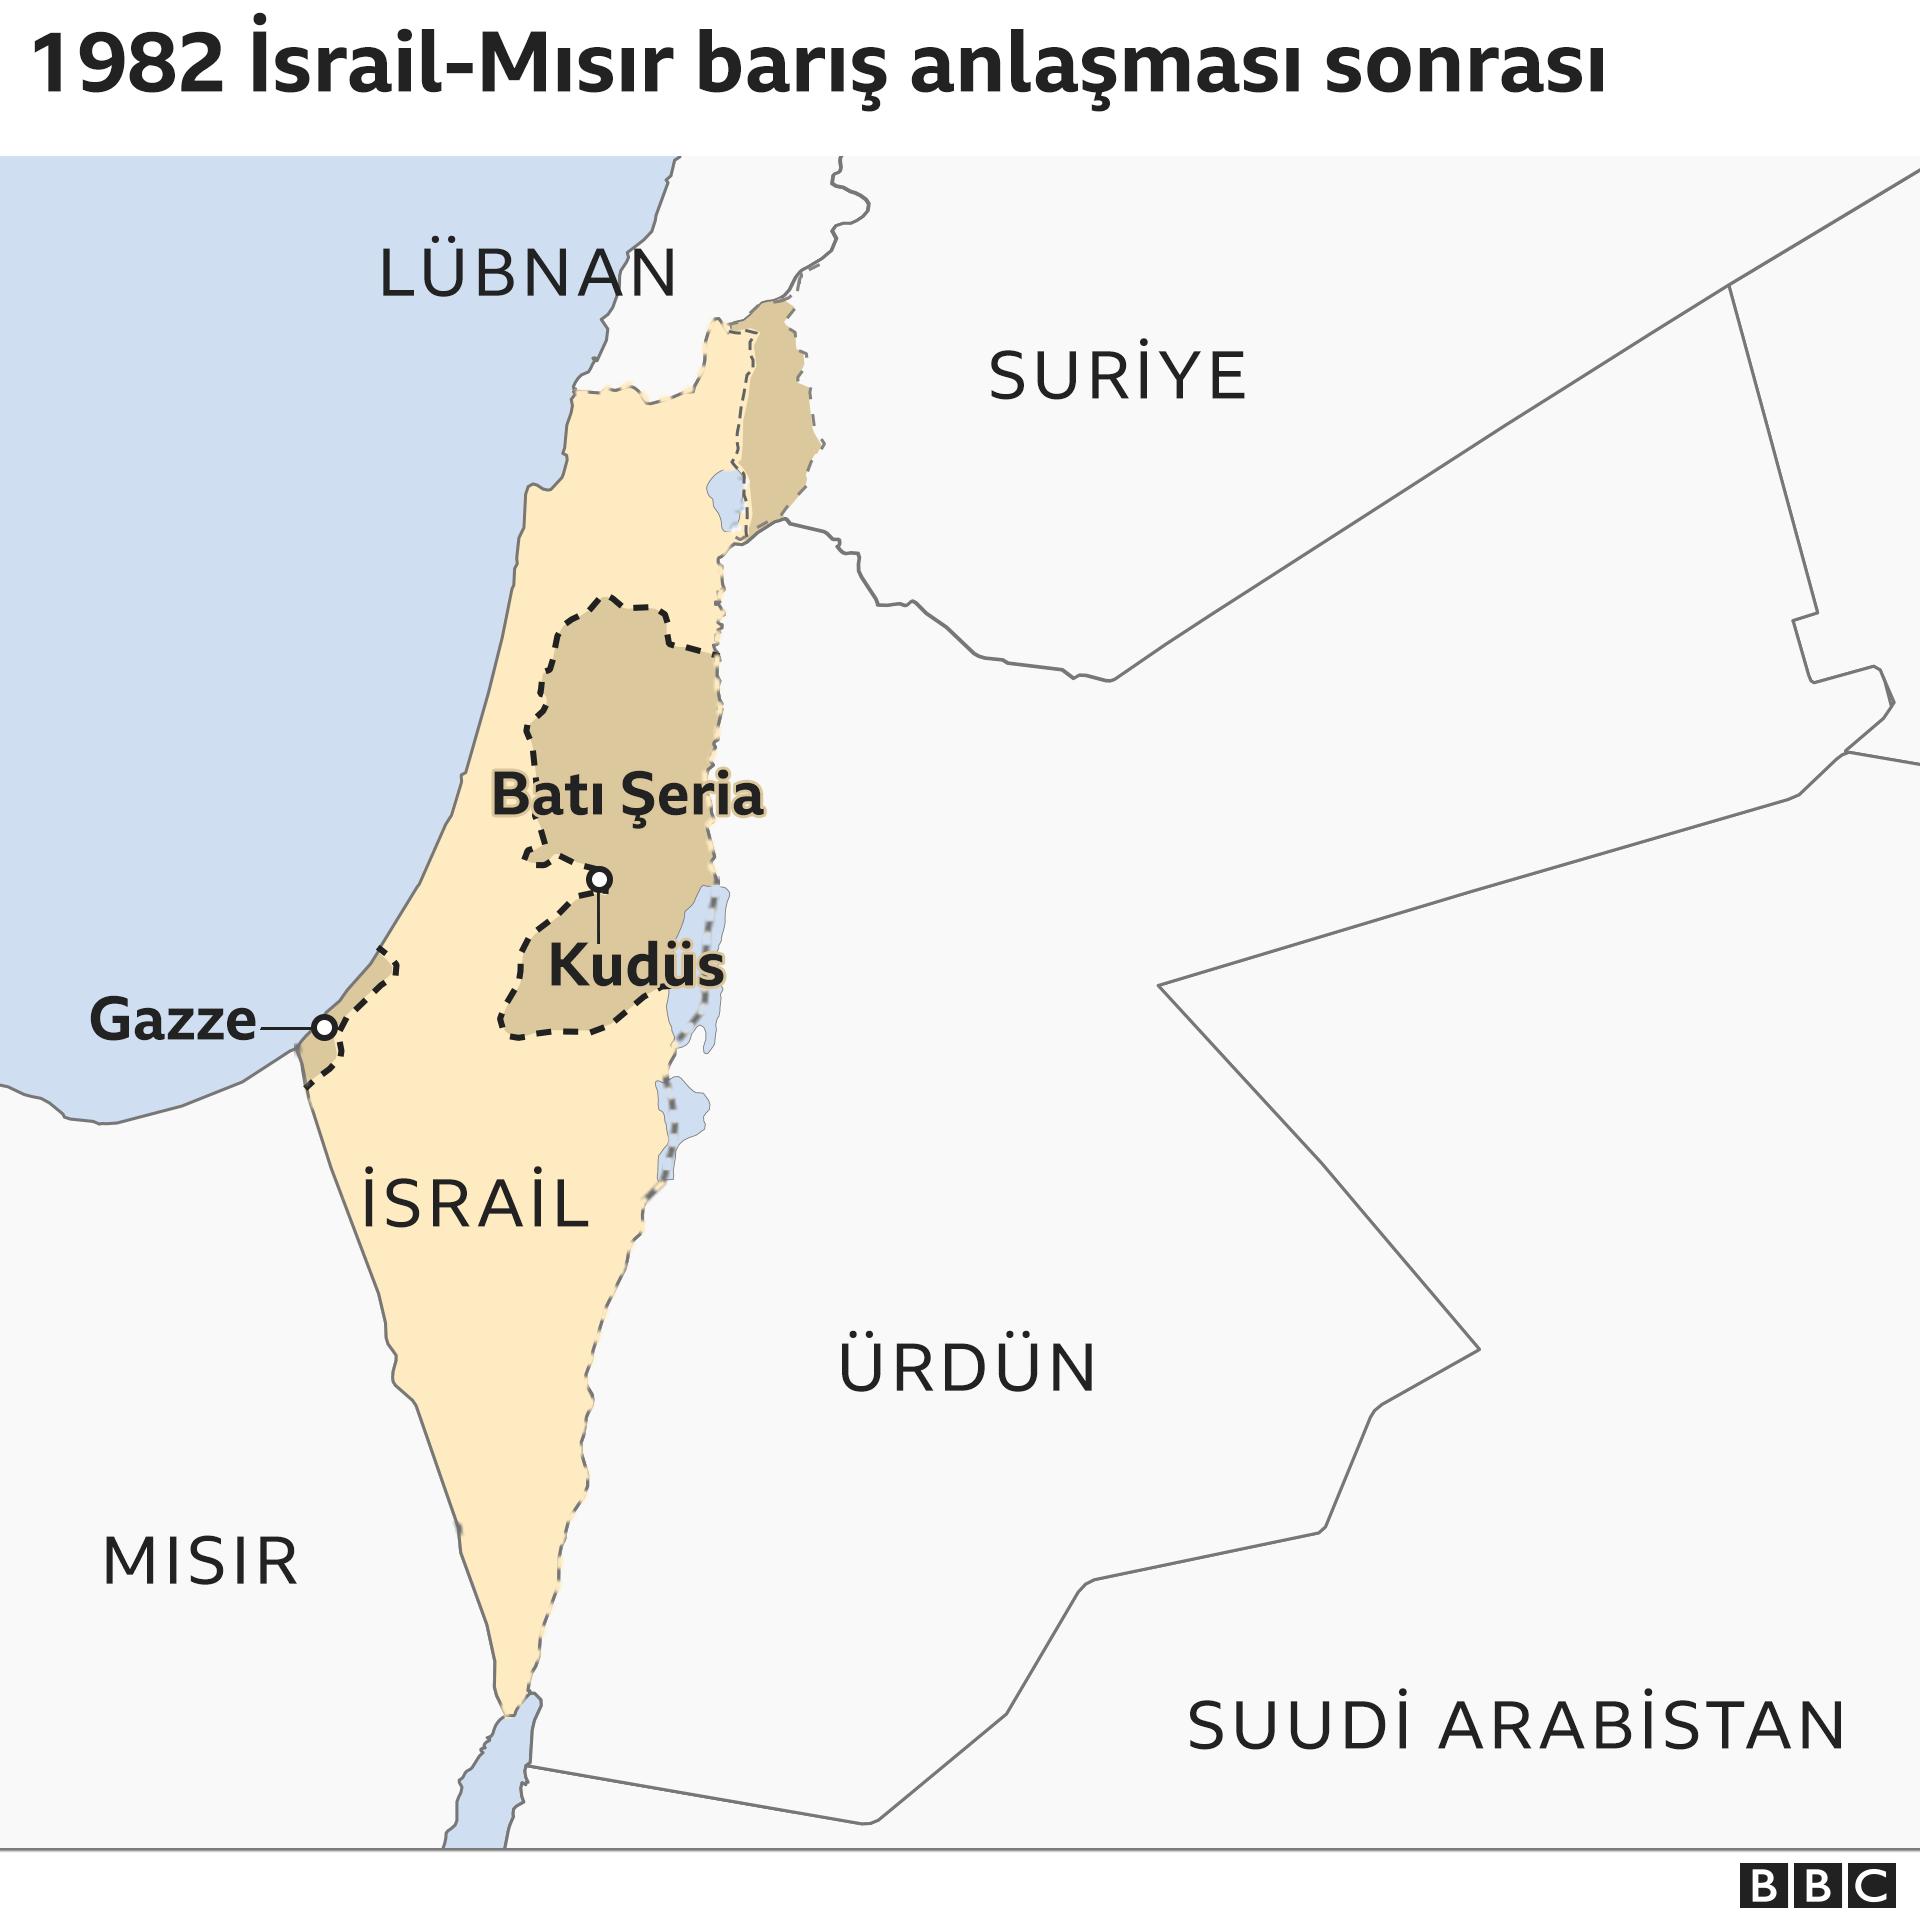 harita 5